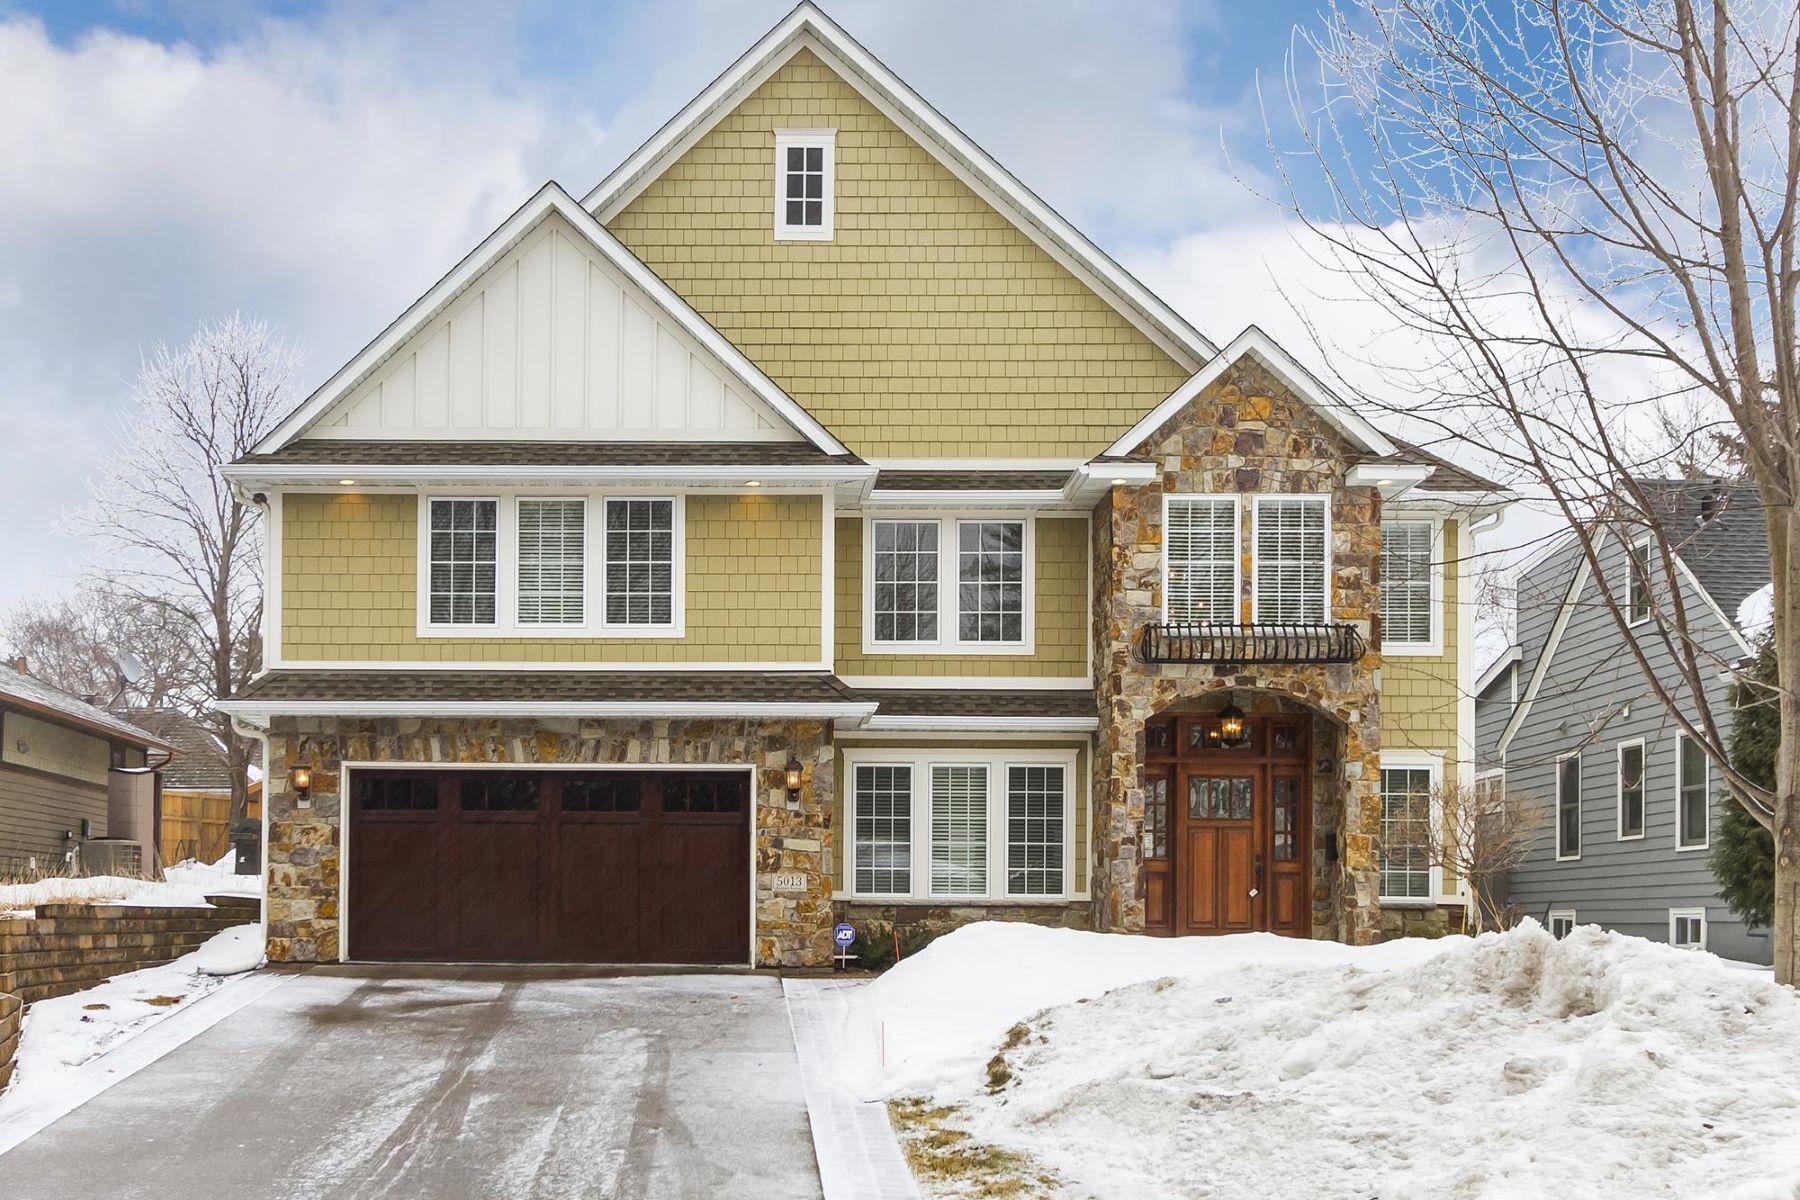 Частный односемейный дом для того Продажа на 5013 Bedford Avenue Edina, Миннесота, 55436 Соединенные Штаты